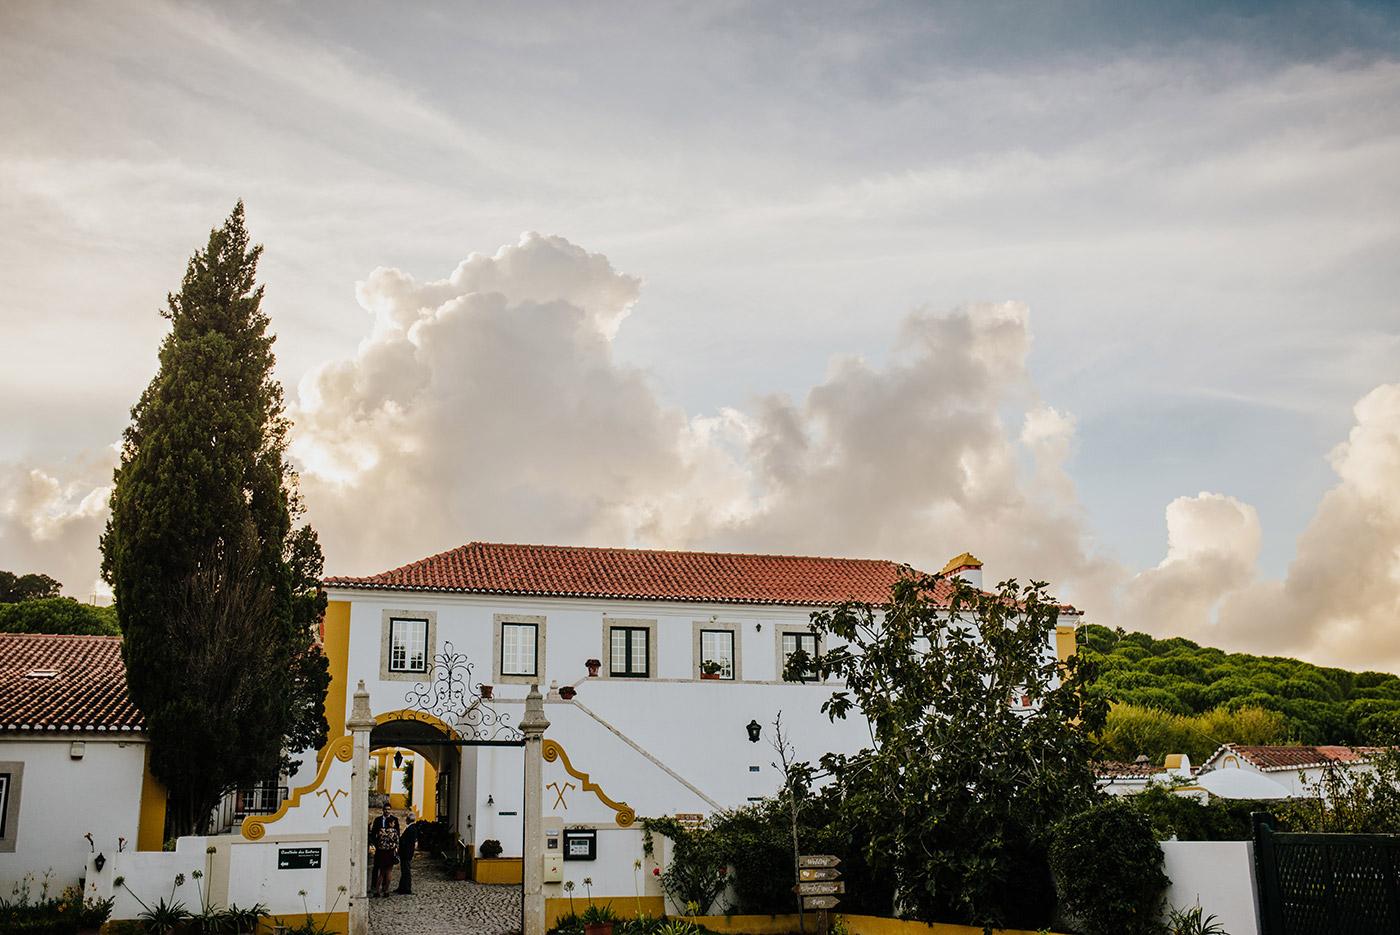 Bad Bad Maria Directory: Quinta dos Machados